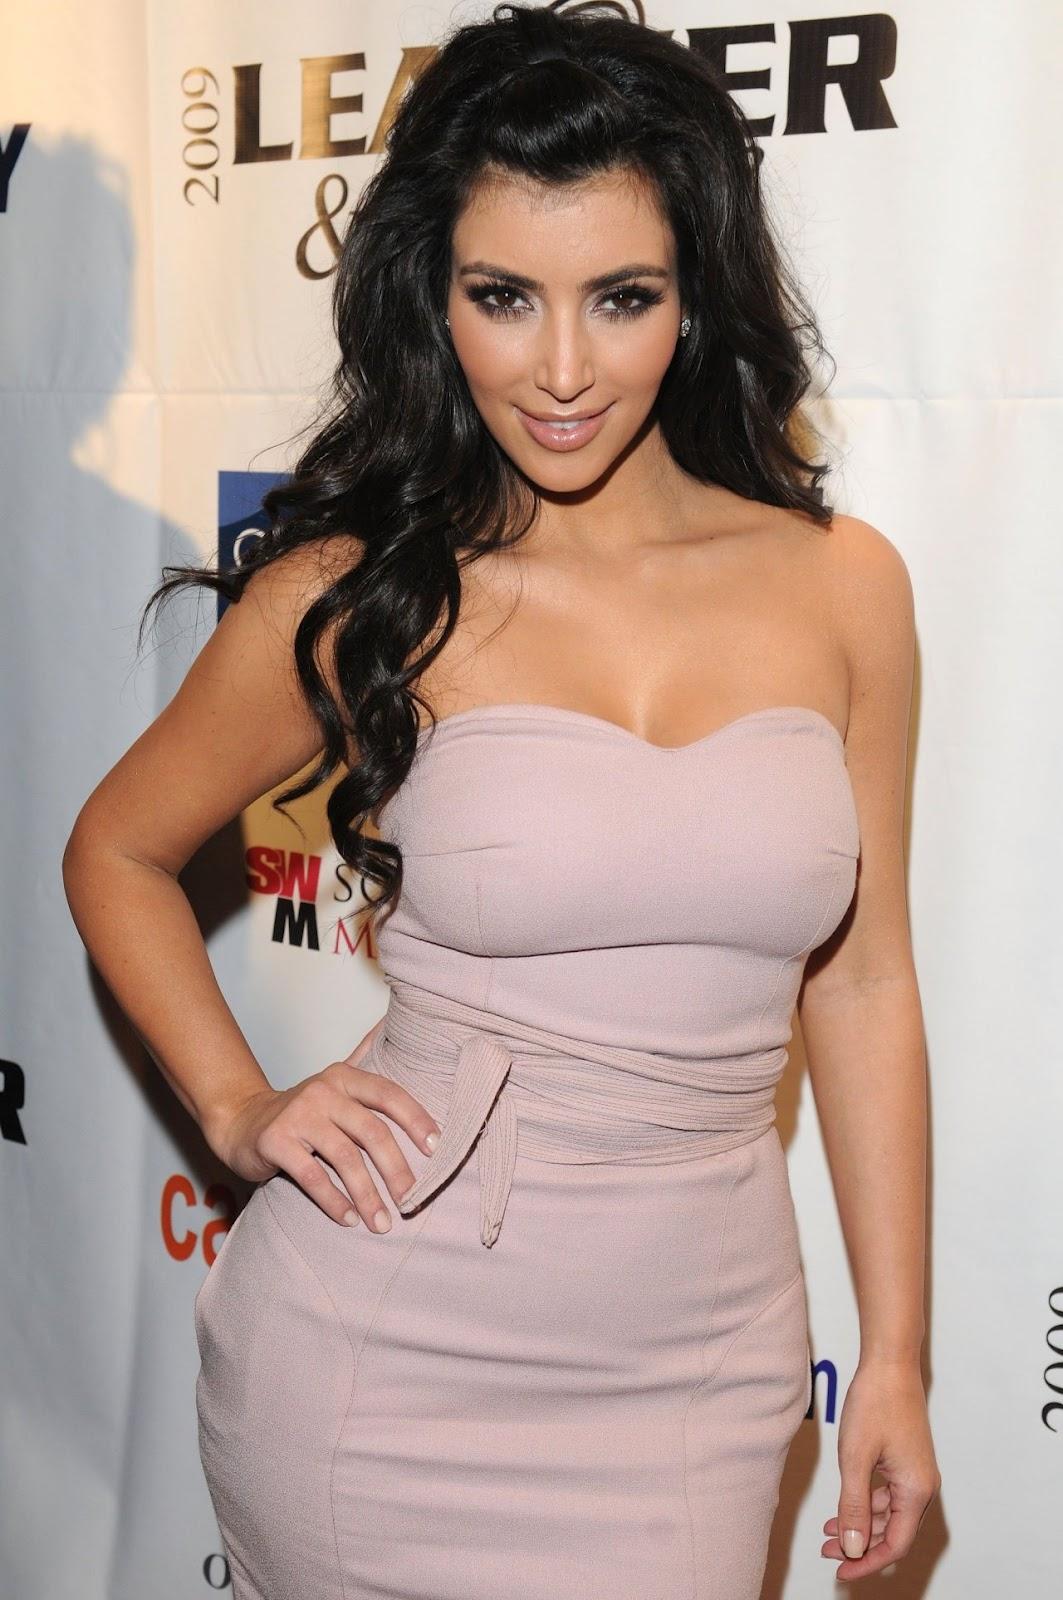 http://1.bp.blogspot.com/-yIZovoao69c/T4zpY27HJeI/AAAAAAAAAi0/0WU3T2FtCz0/s1600/kim_kardashian.jpg